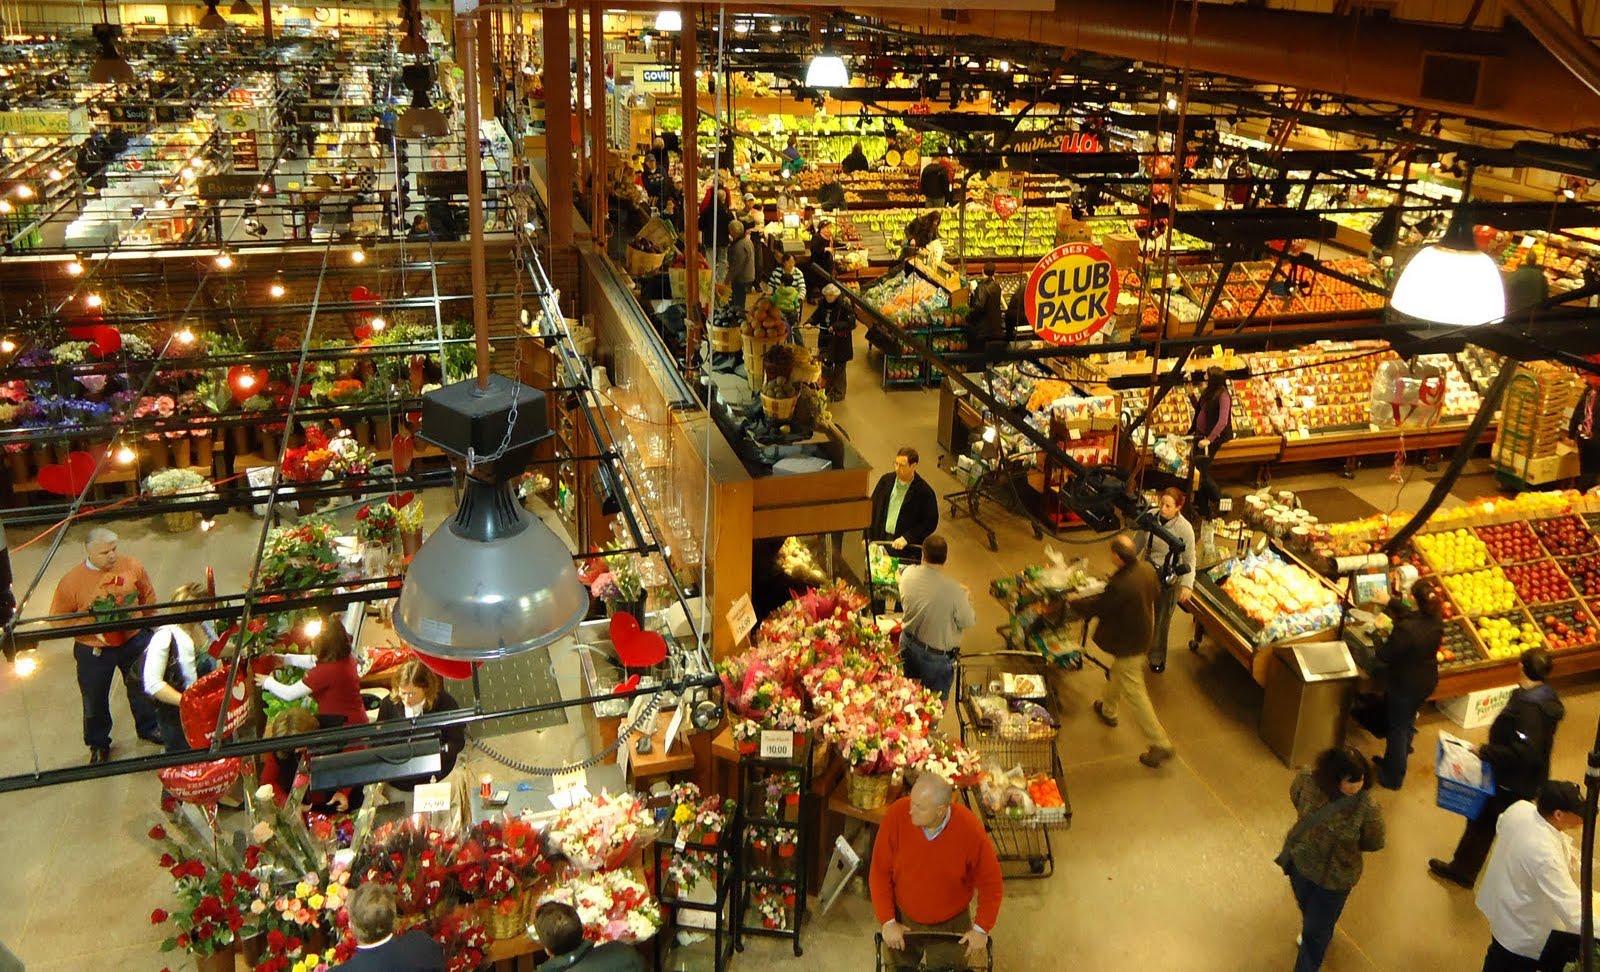 Supermarket Wegmans nabízí nevidomým mobilního průvodce po obchodě